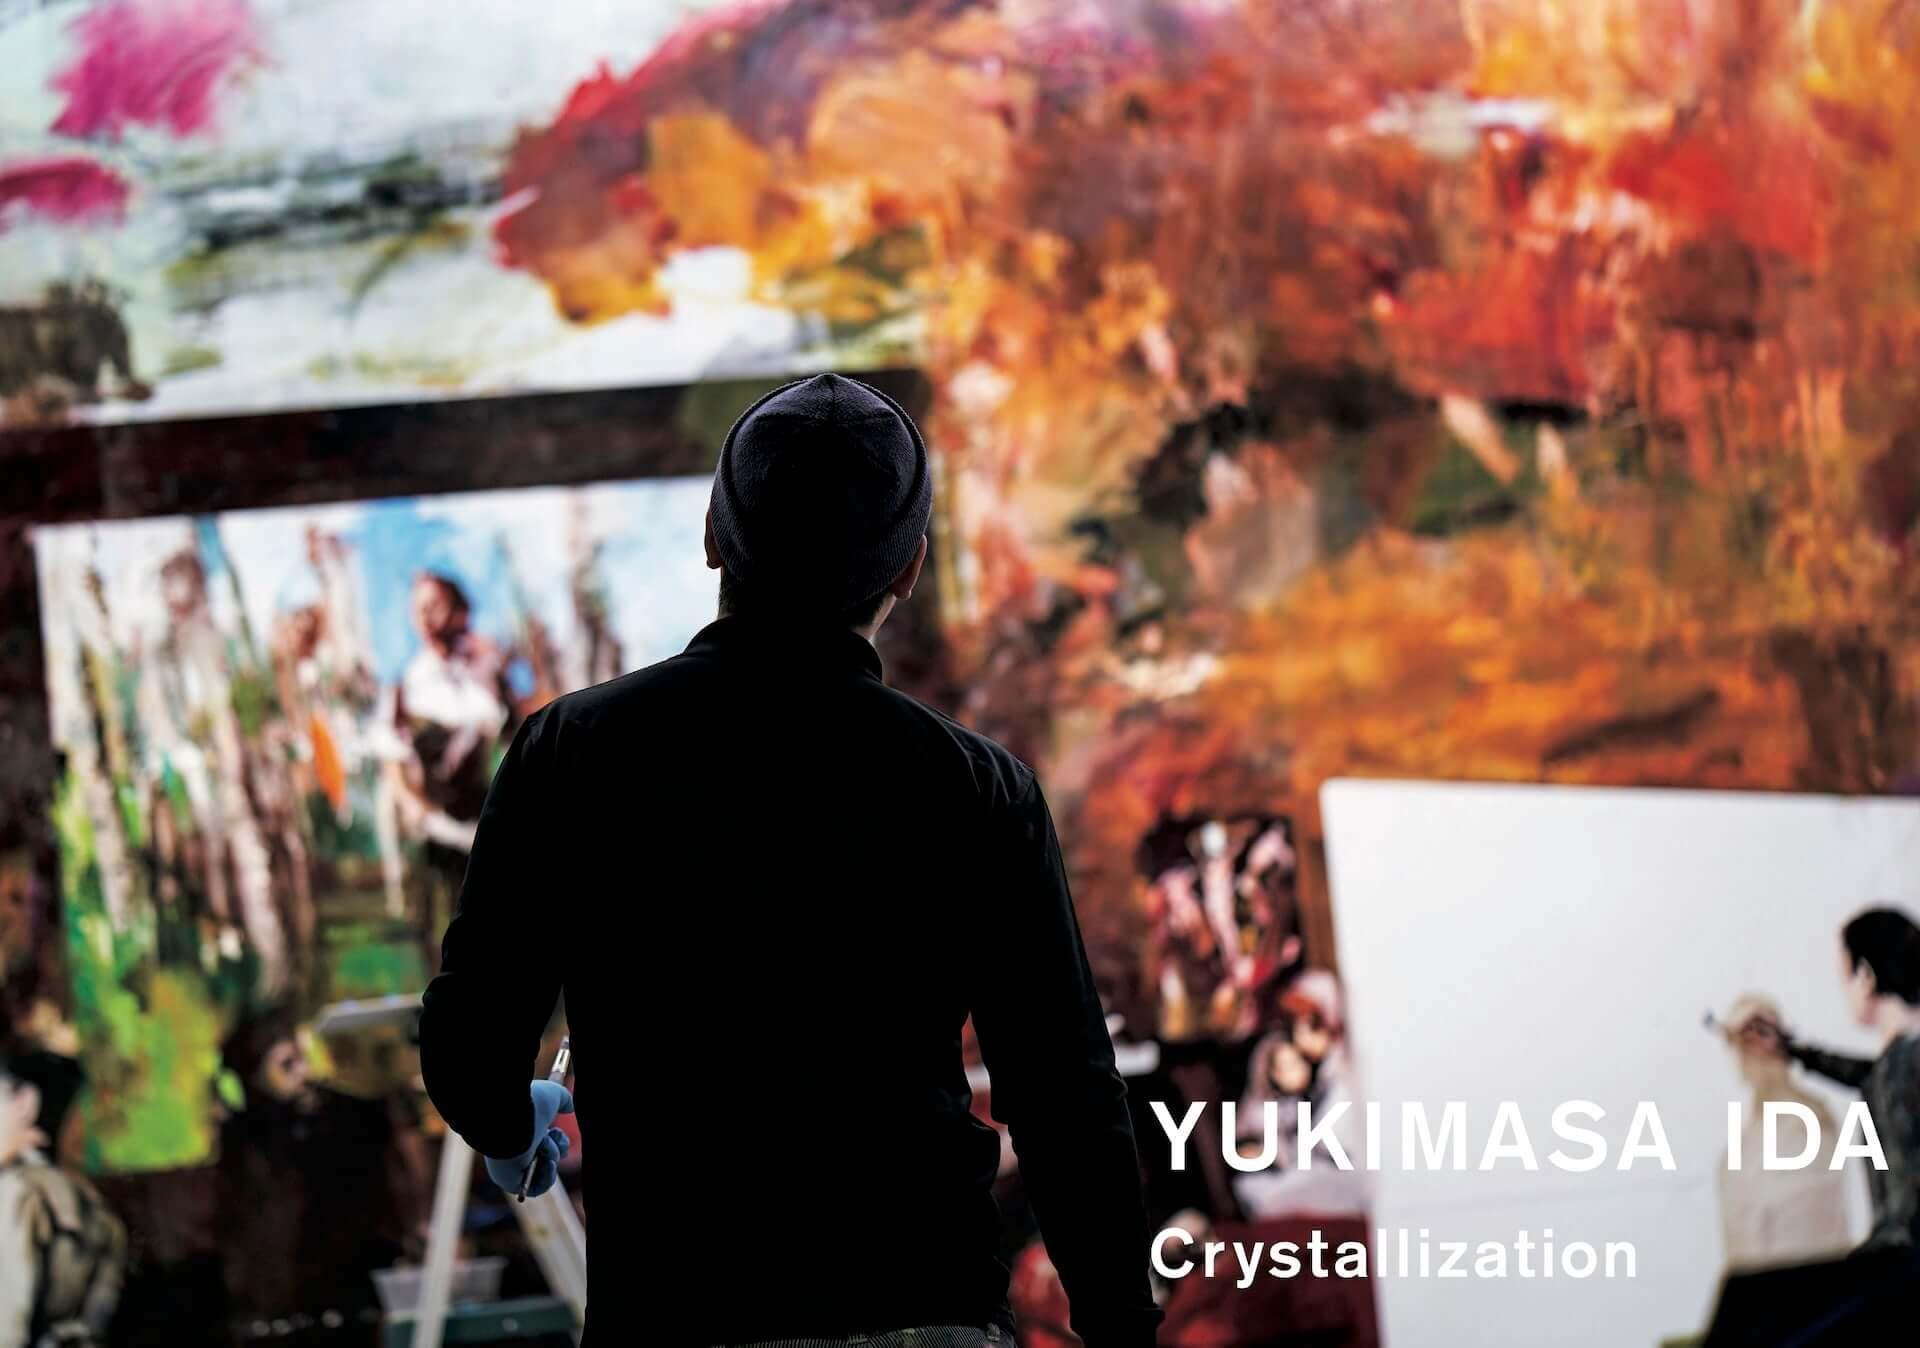 アンディ・ウォーホルの肖像画などを描く井田幸昌の作品集が美術出版社より刊行決定|井田「生きて出会う事象を残したい」 art200514_crystallization_4-1920x1348